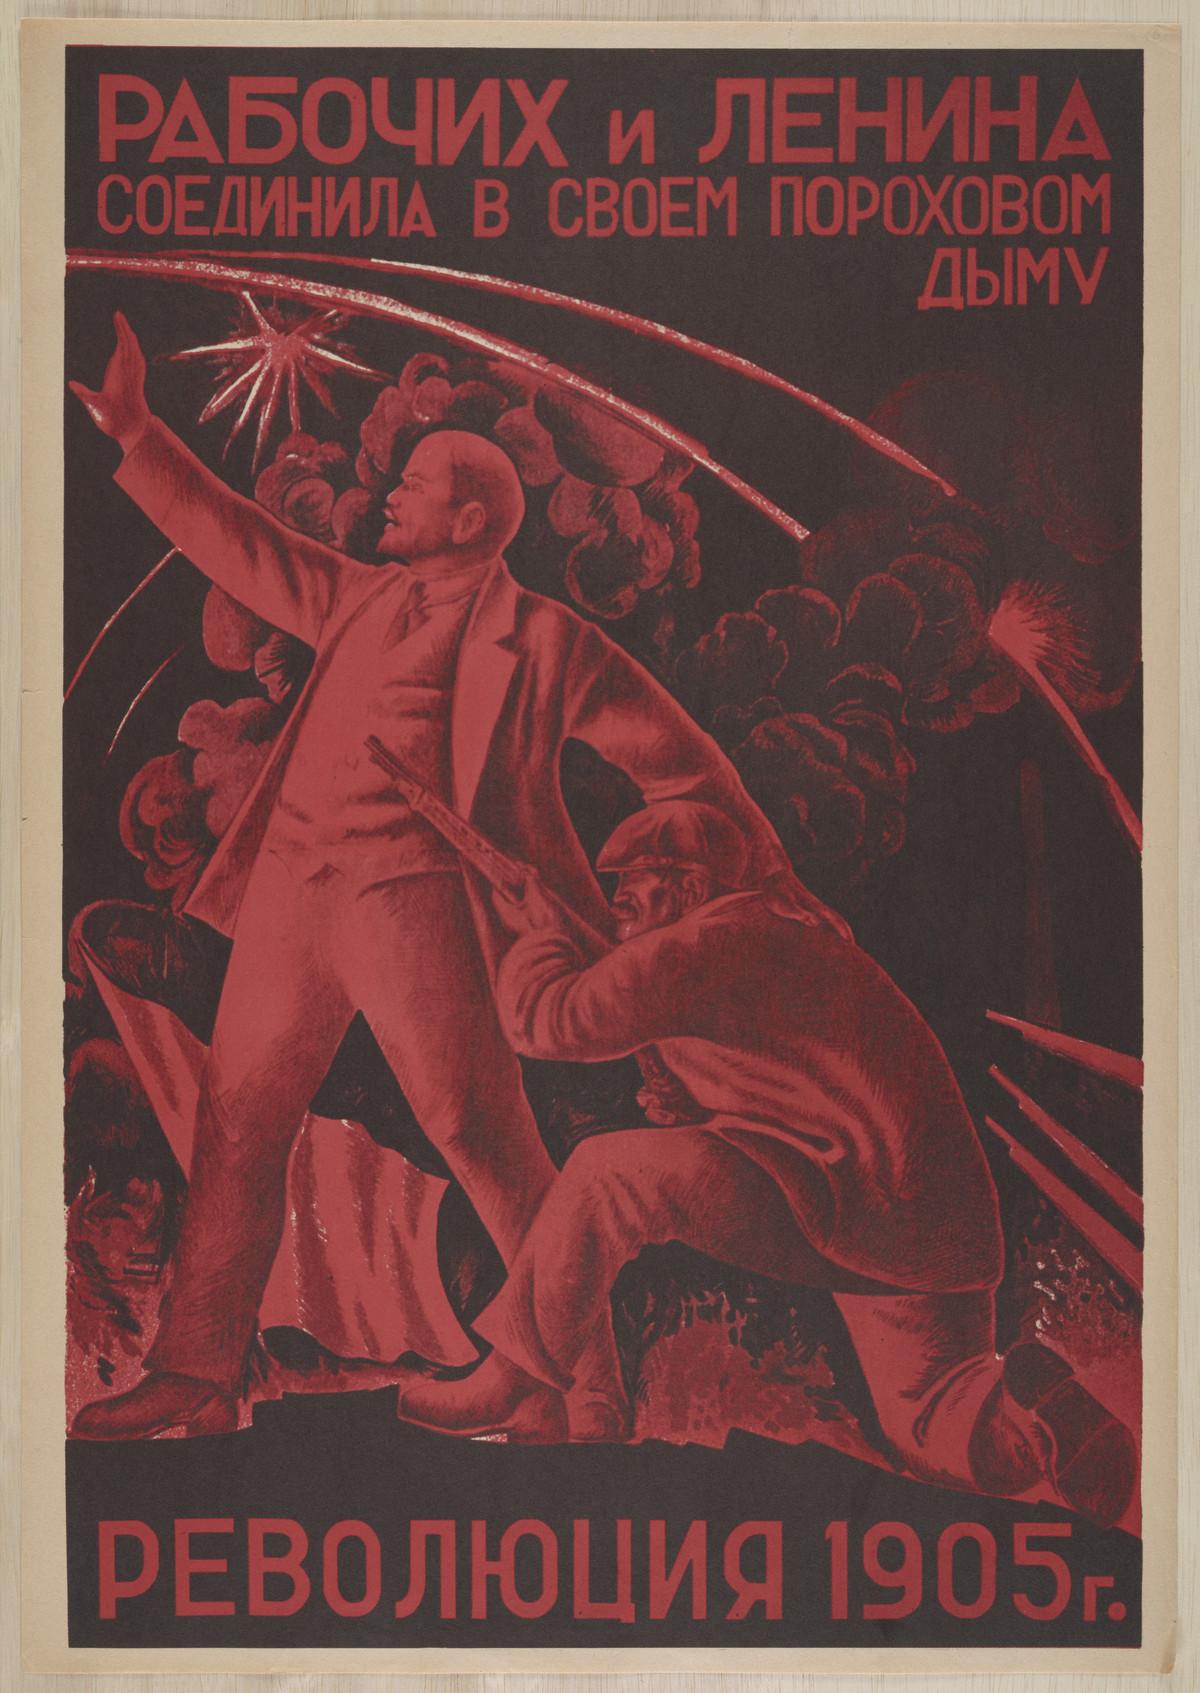 sovetskie-kommunisticheskie-plakaty_10